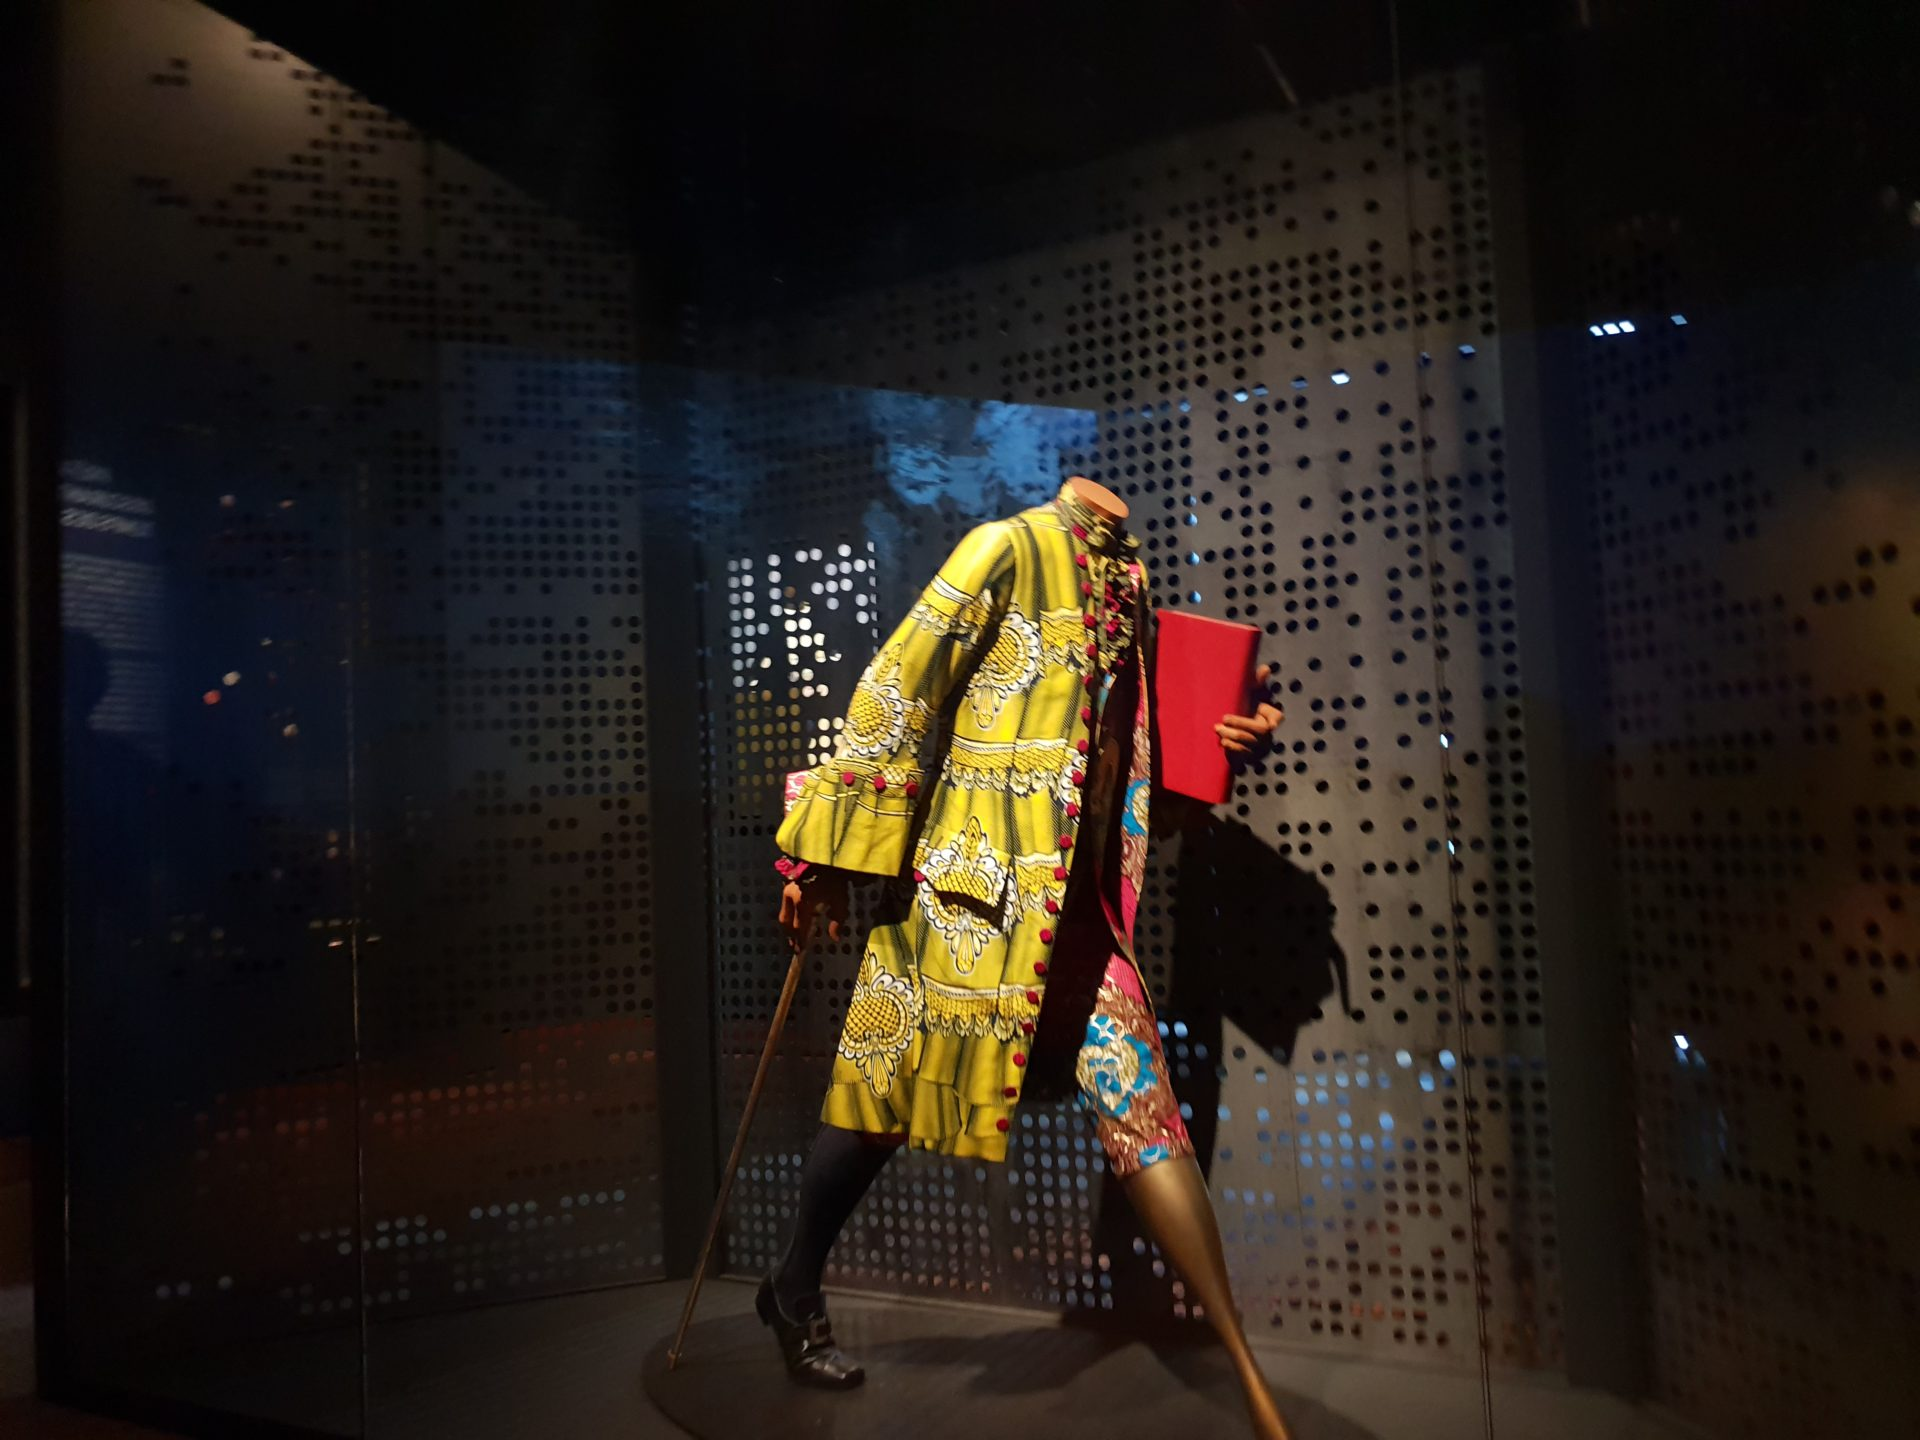 【專文】解構殖民:畢卡索與當代非裔藝術家之相遇